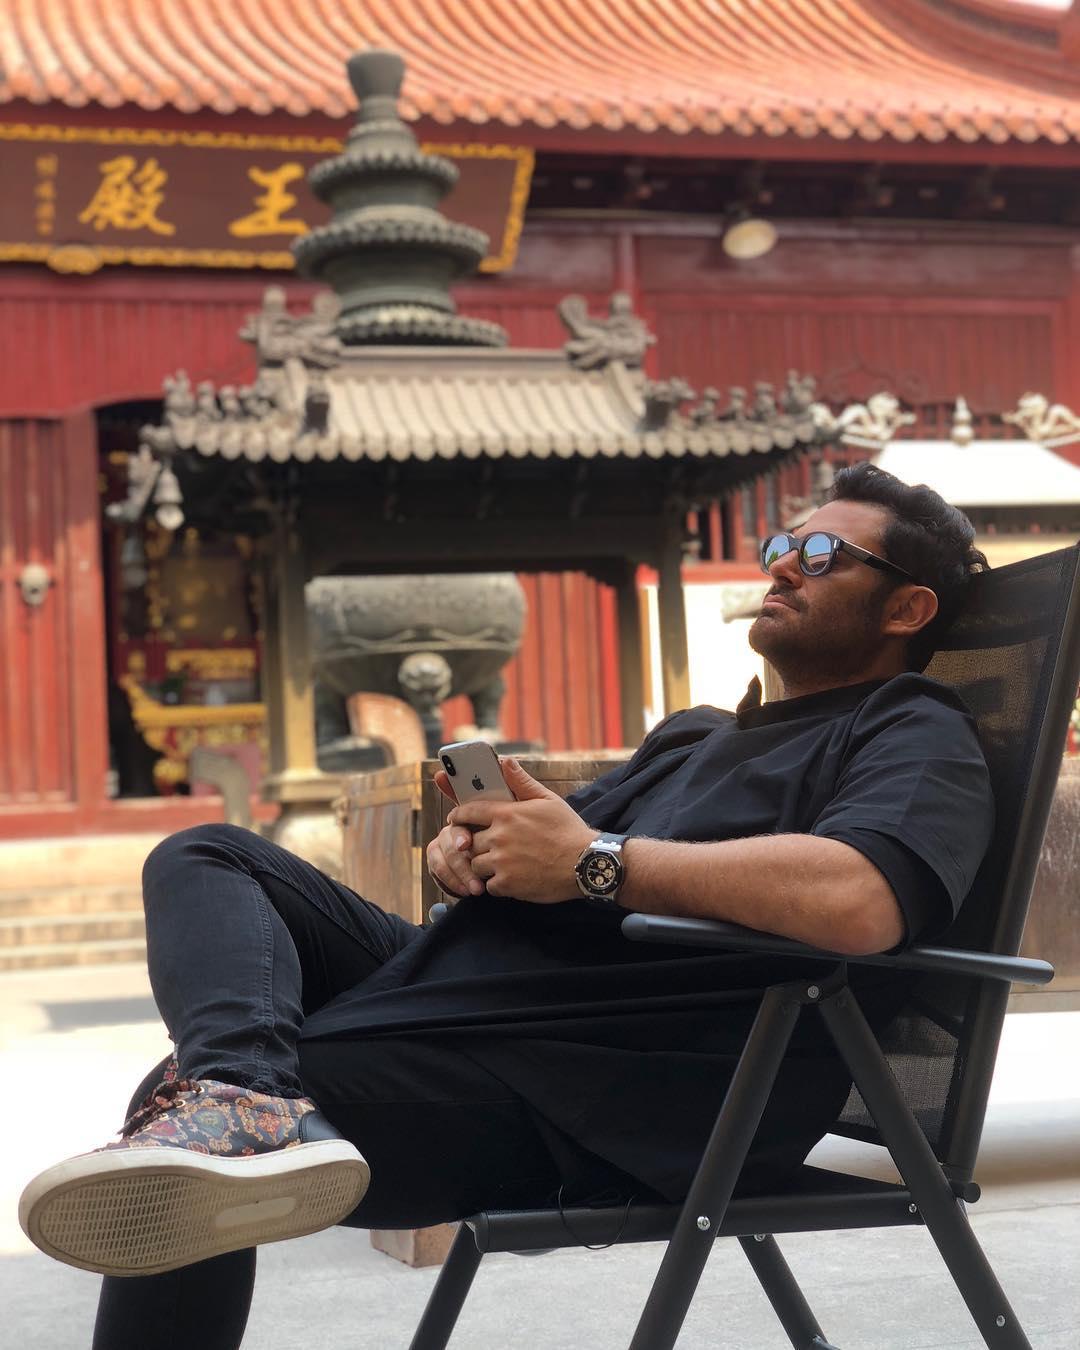 Mohammad Reza Golzar in China